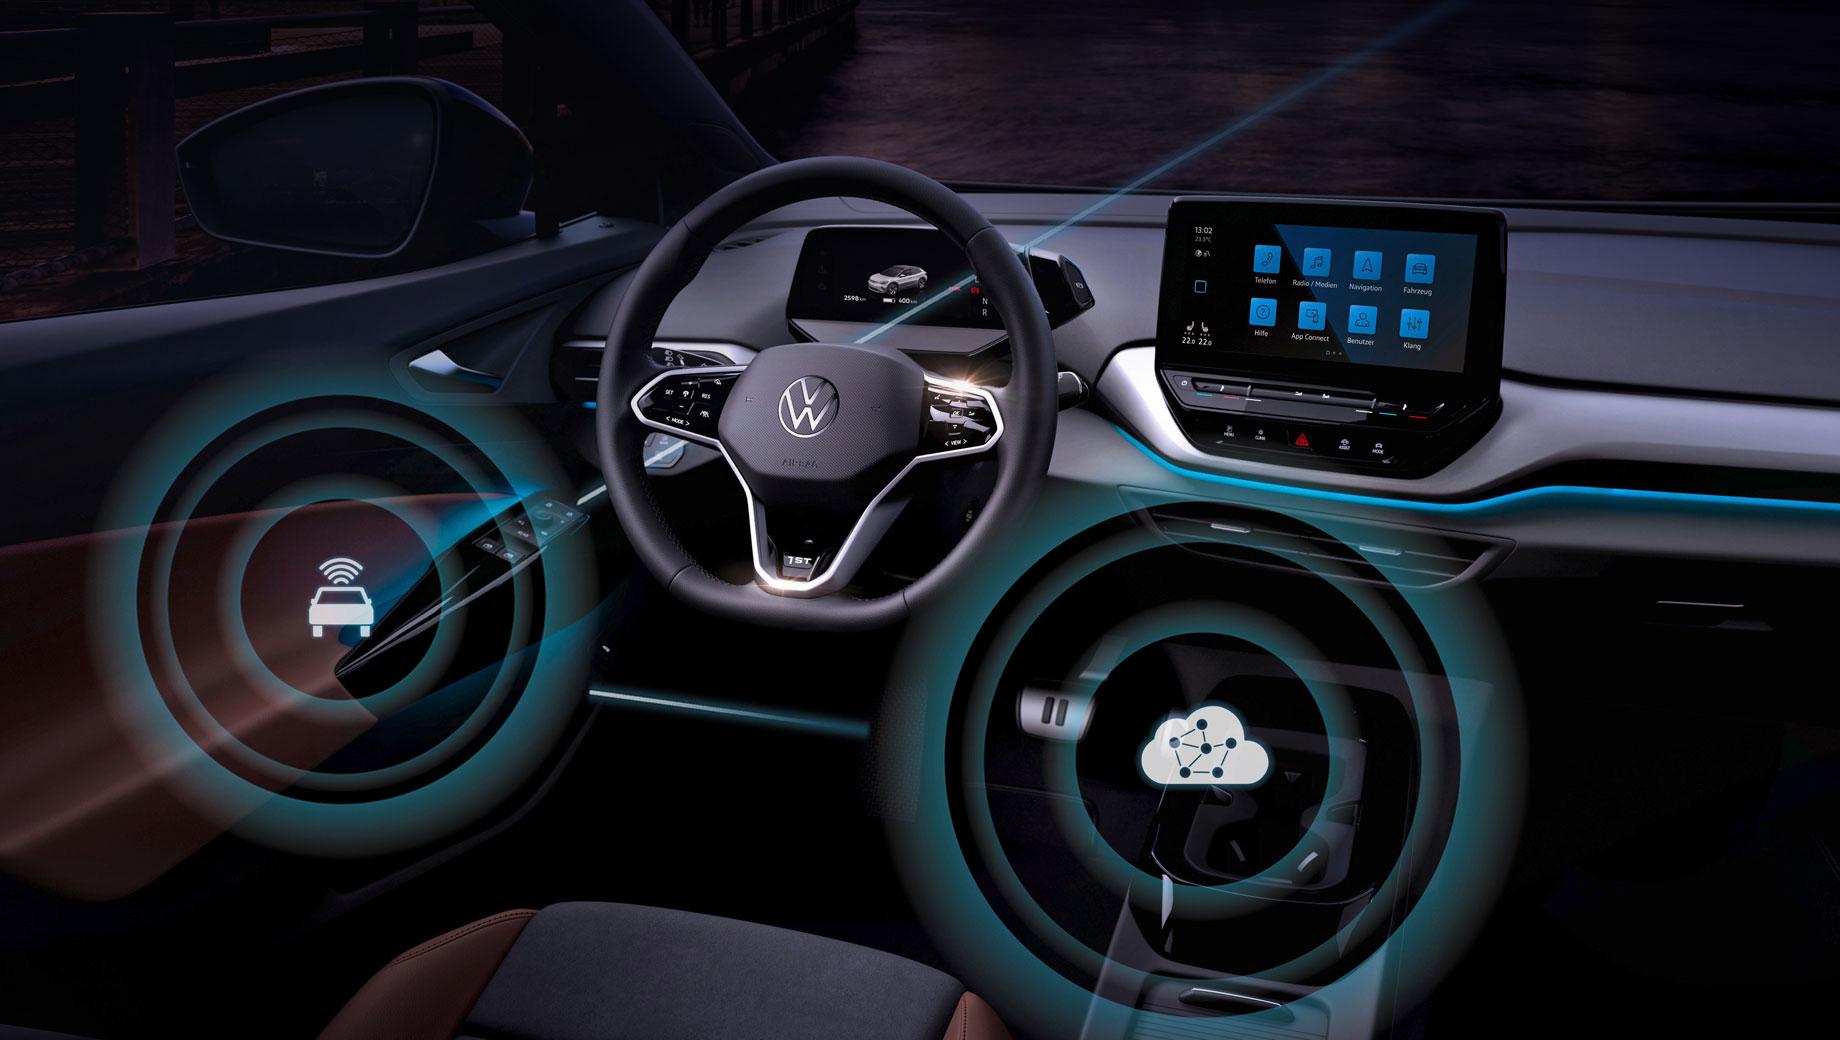 Volkswagen id 3,Volkswagen id 4. Немцы говорят, что делают «следующий большой шаг» к превращению в «провайдера мобильности». Мол, бренд Volkswagen становится первым крупным производителем, который регулярно обновляет ПО посредством мобильной передачи данных и тем самым закладывает основу для новых бизнес-моделей.